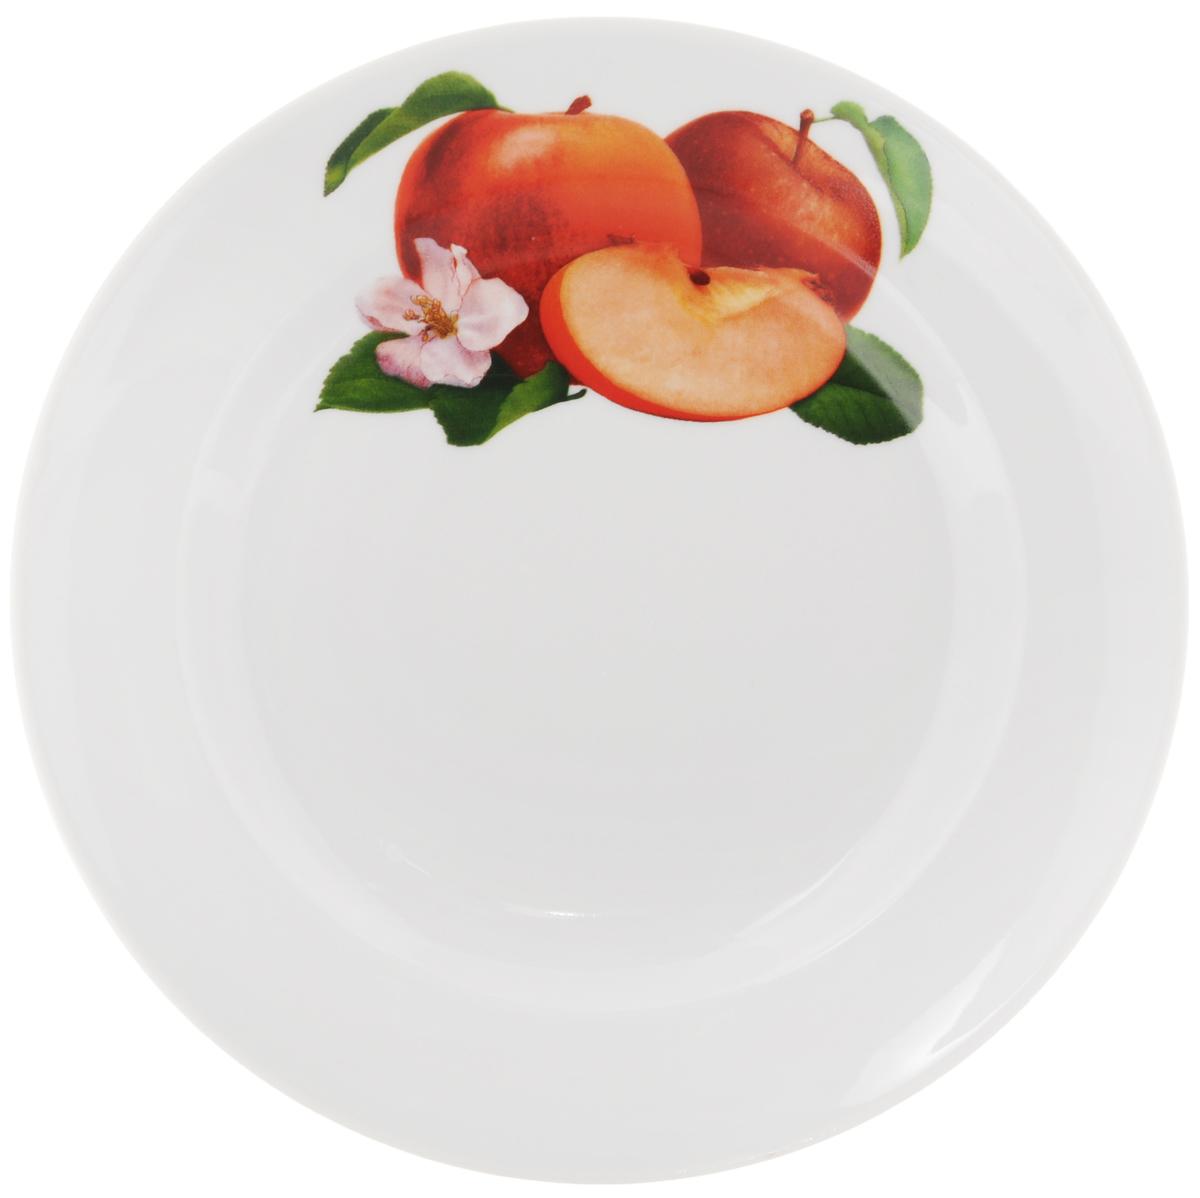 Тарелка Идиллия. Ассорти. Яблоко, диаметр 23,5 см1303881Тарелка Идиллия. Ассорти. Яблоко изготовлена из высококачественного фарфора. Изделие декорировано красочным изображением. Такая тарелка отлично подойдет в качестве блюда, она идеальна для сервировки закусок, нарезок, горячих блюд. Тарелка прекрасно дополнит сервировку стола и порадует вас оригинальным дизайном. Диаметр тарелки: 23,5 см. Высота стенки: 3 см.